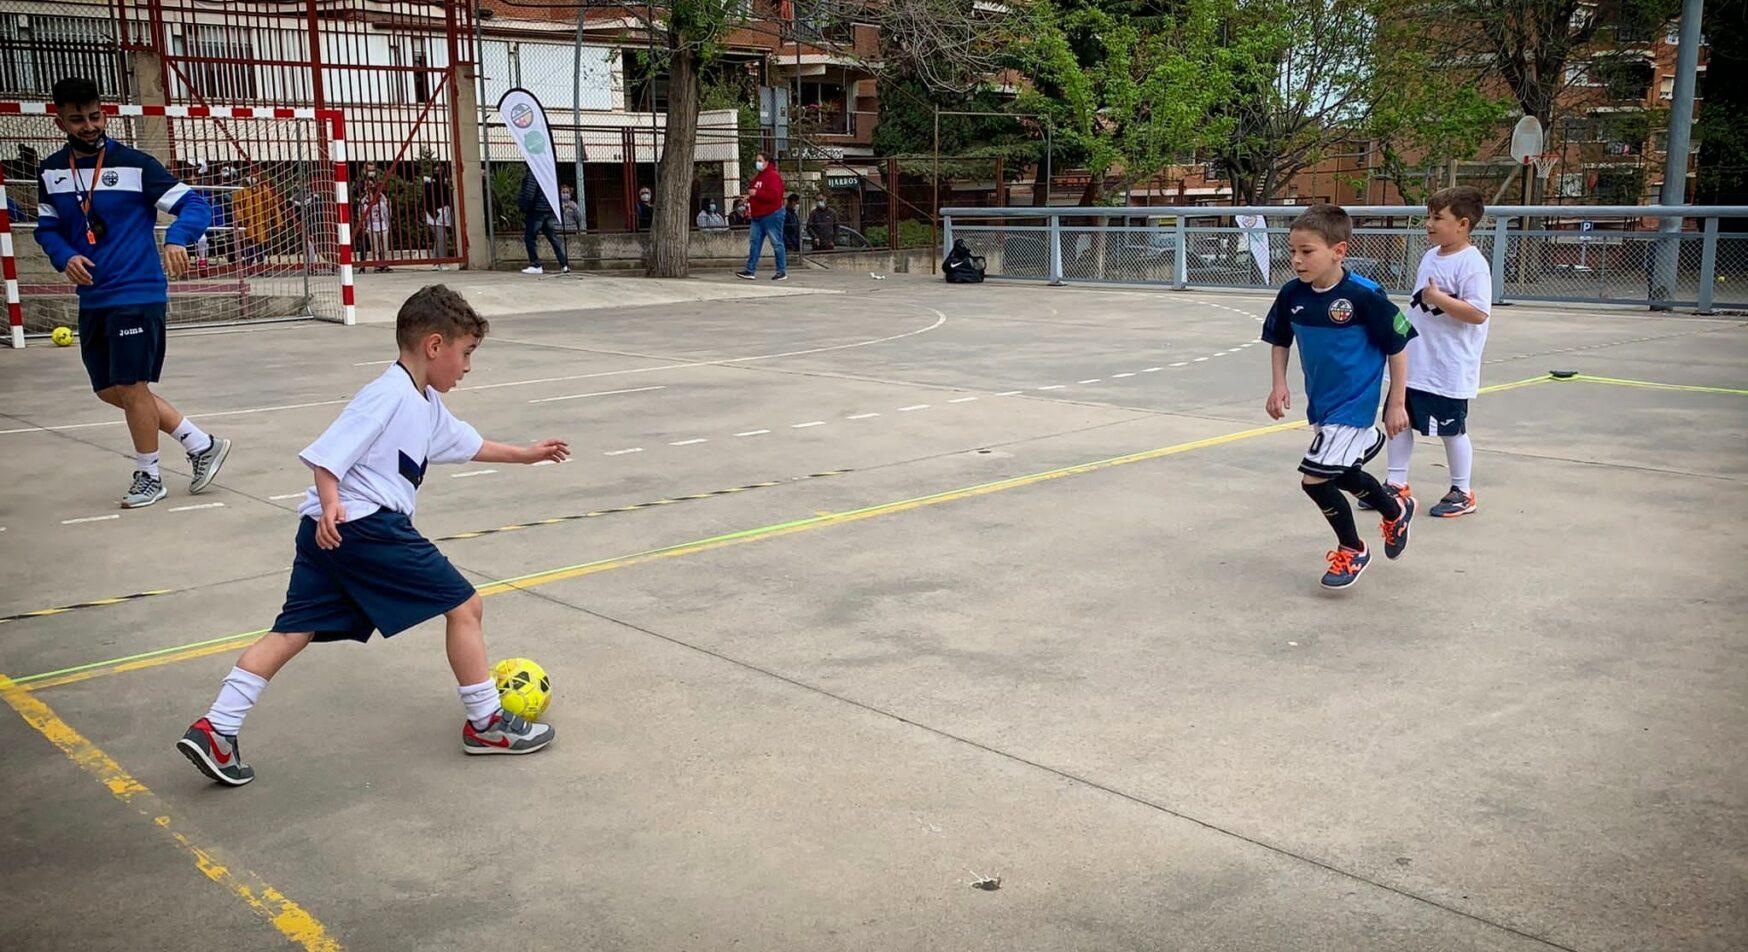 La canalla de l'associació esportiva Babar jugant a futbol sala, fa pocs dies / Cedida